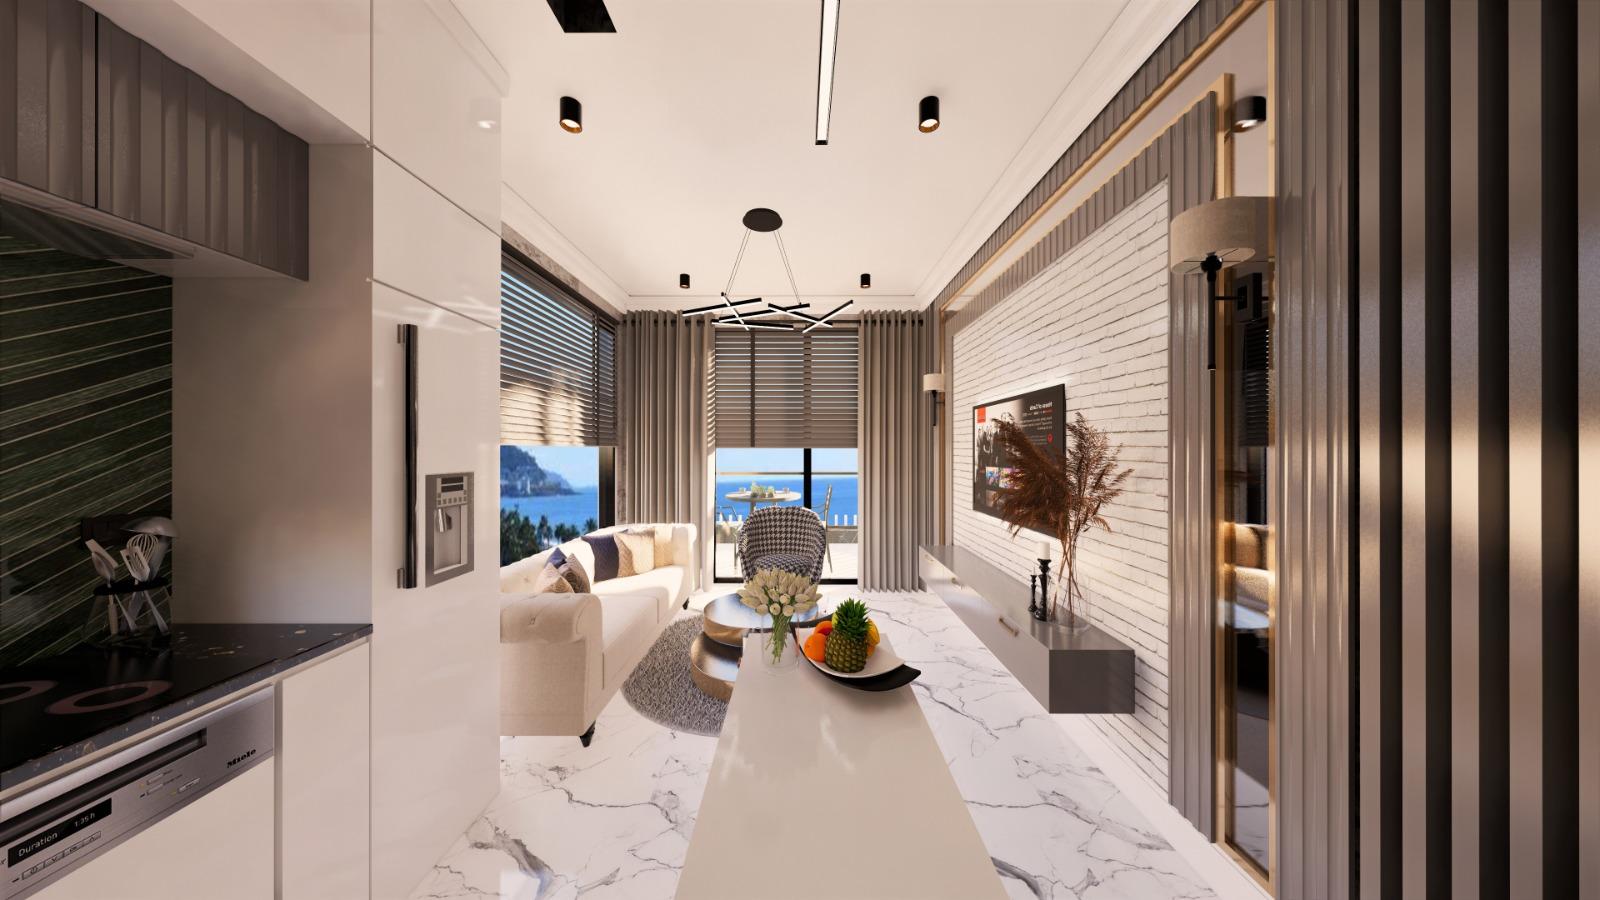 Роскошные квартиры с видом на Средиземное море в элитном районе - Фото 22